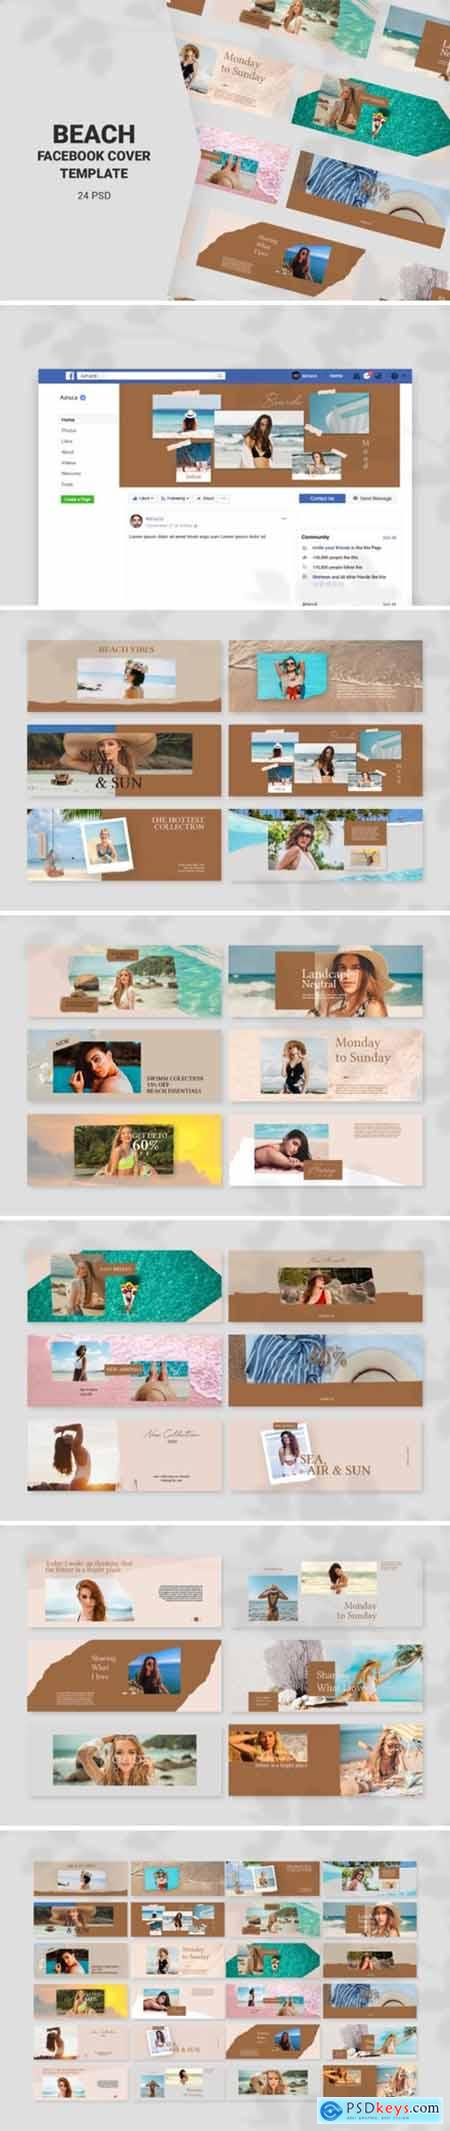 Beach Facebook Cover Templates 2697766